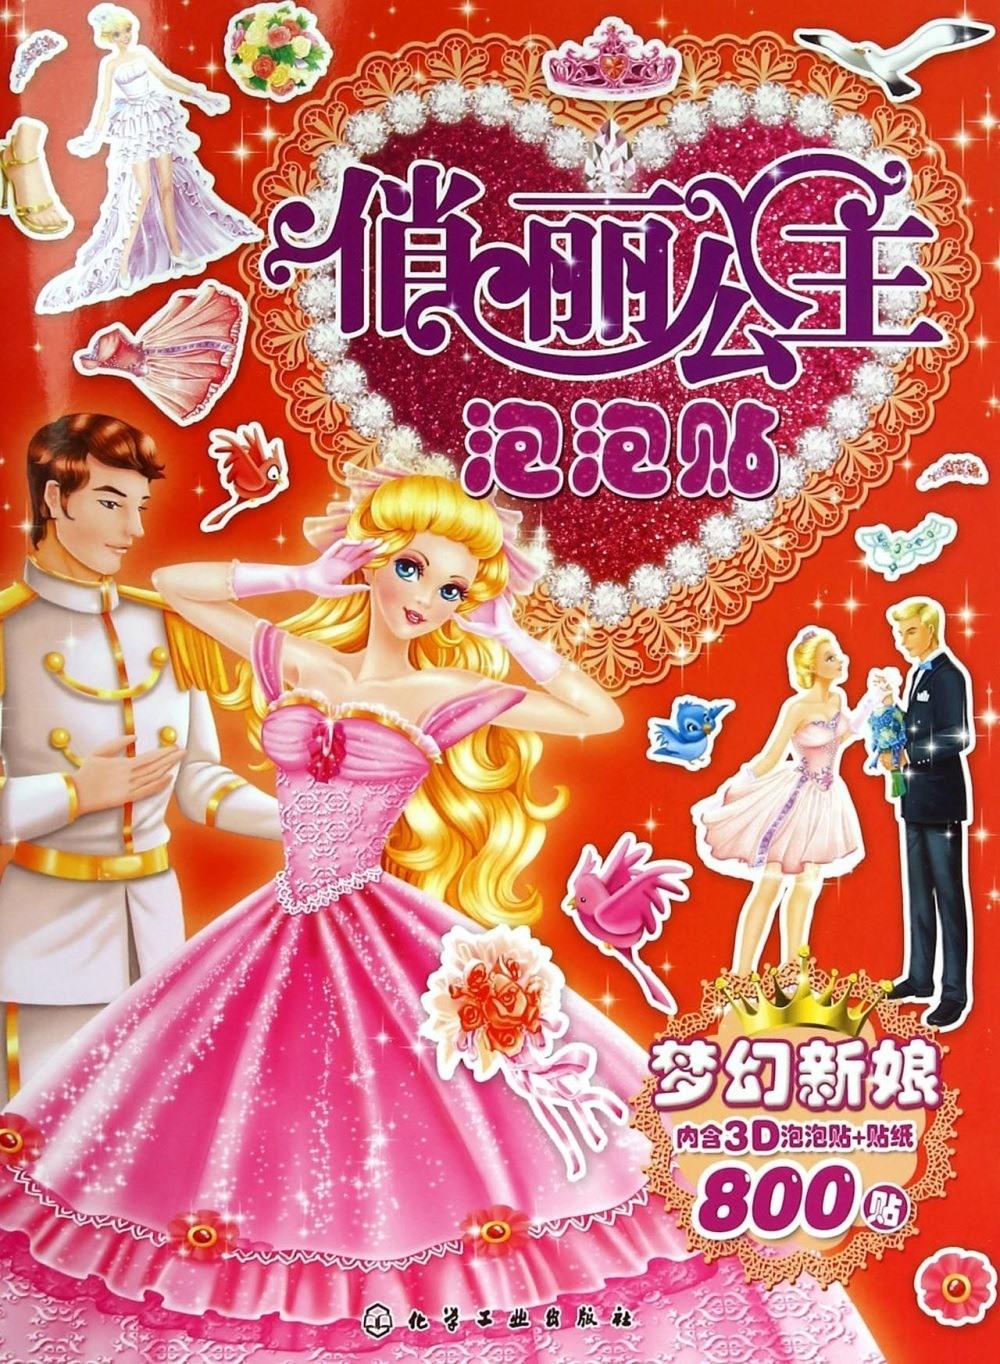 俏麗公主泡泡貼:夢幻新娘